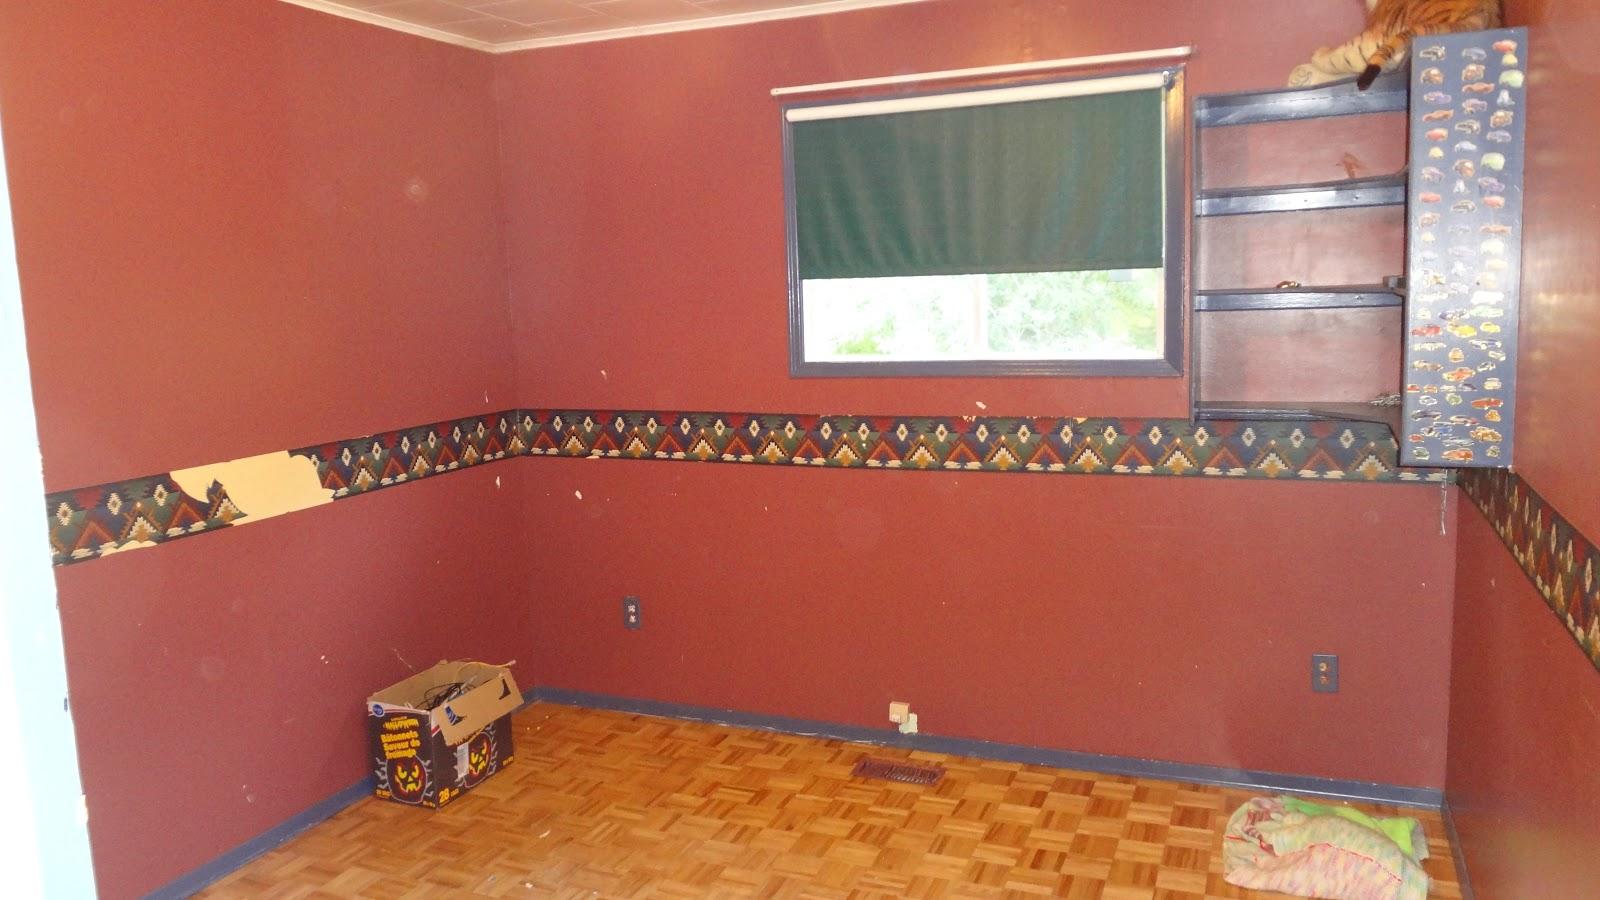 remove blue shelf remove wallpaper border